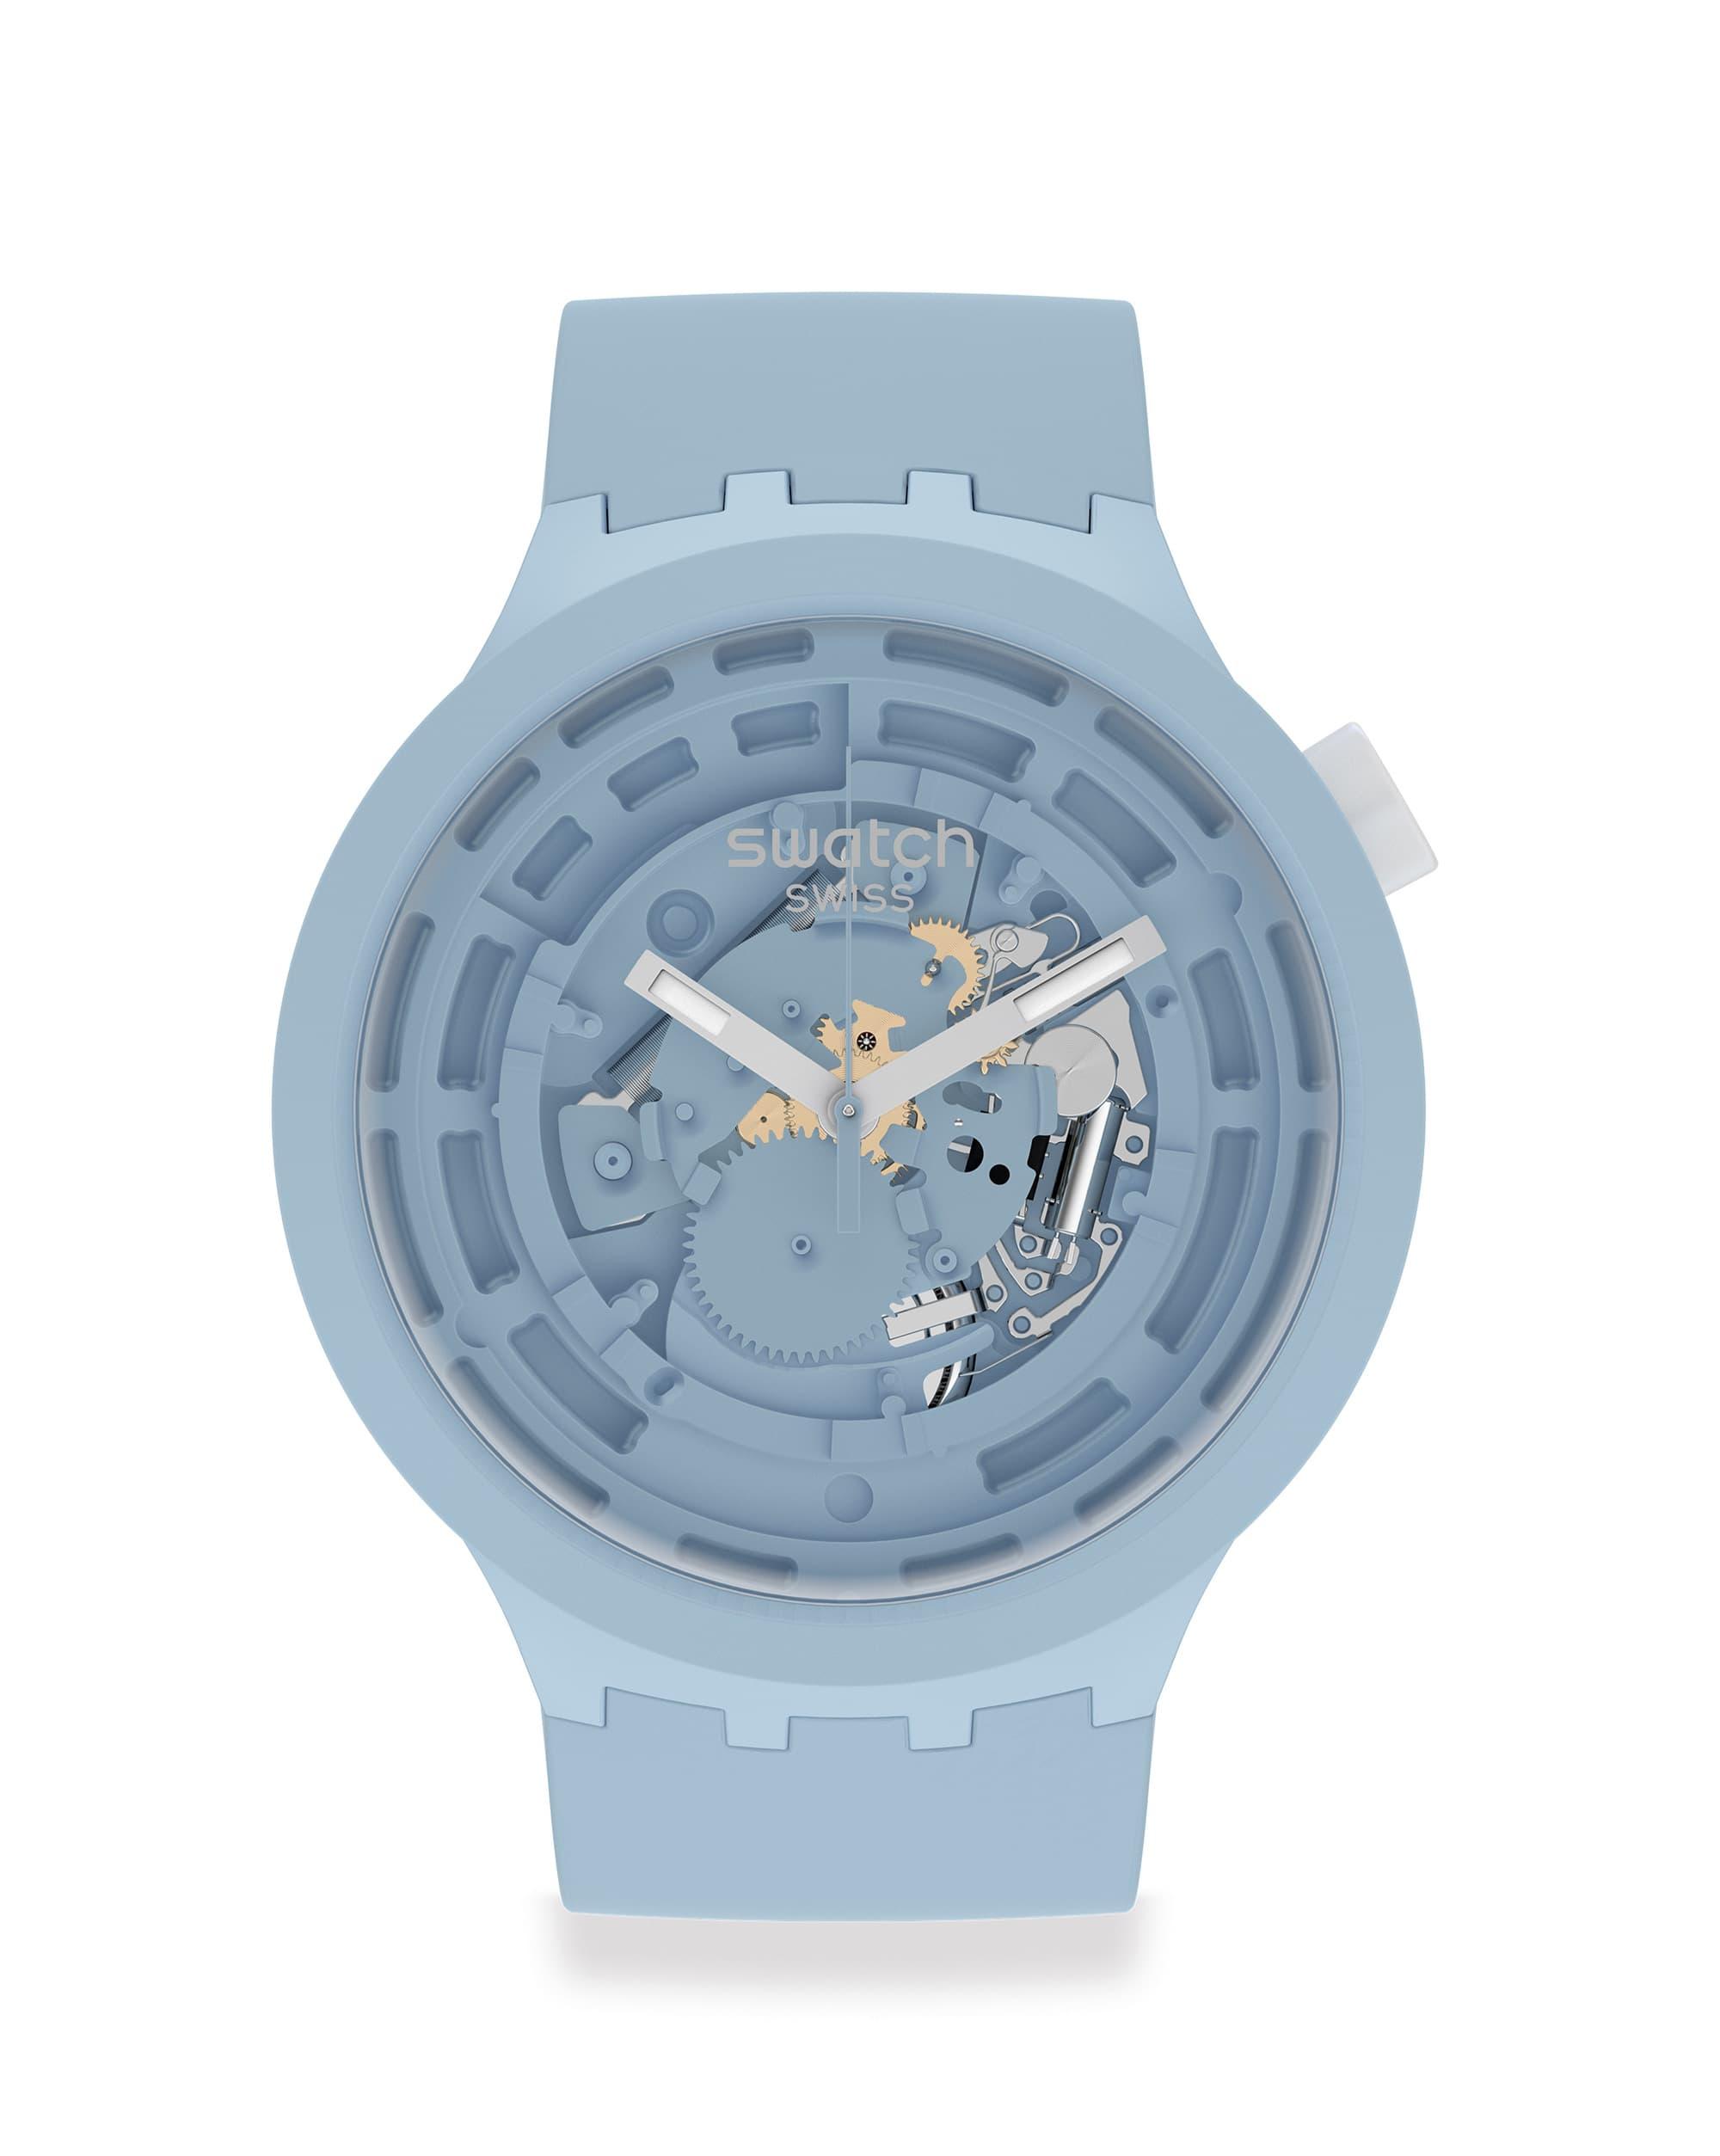 swatch bioceramic 6 min